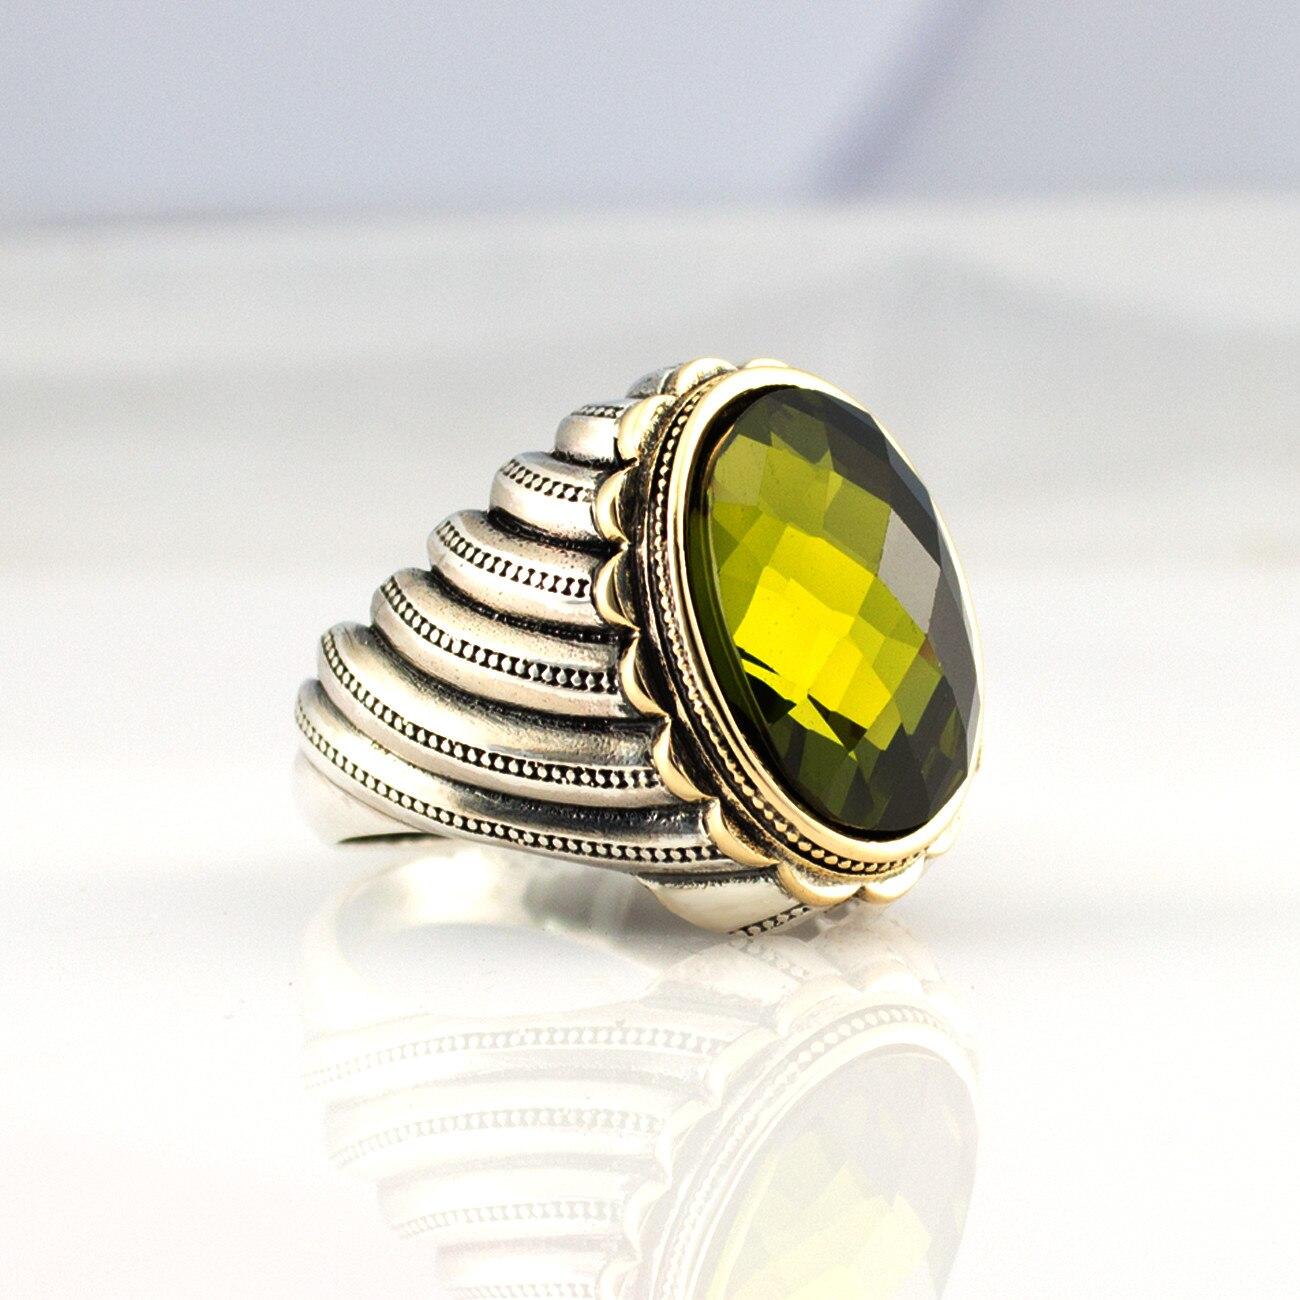 Bague en argent Sterling 925 pour homme avec pierre de Zircon jaune (fabriquée en turquie) - 2